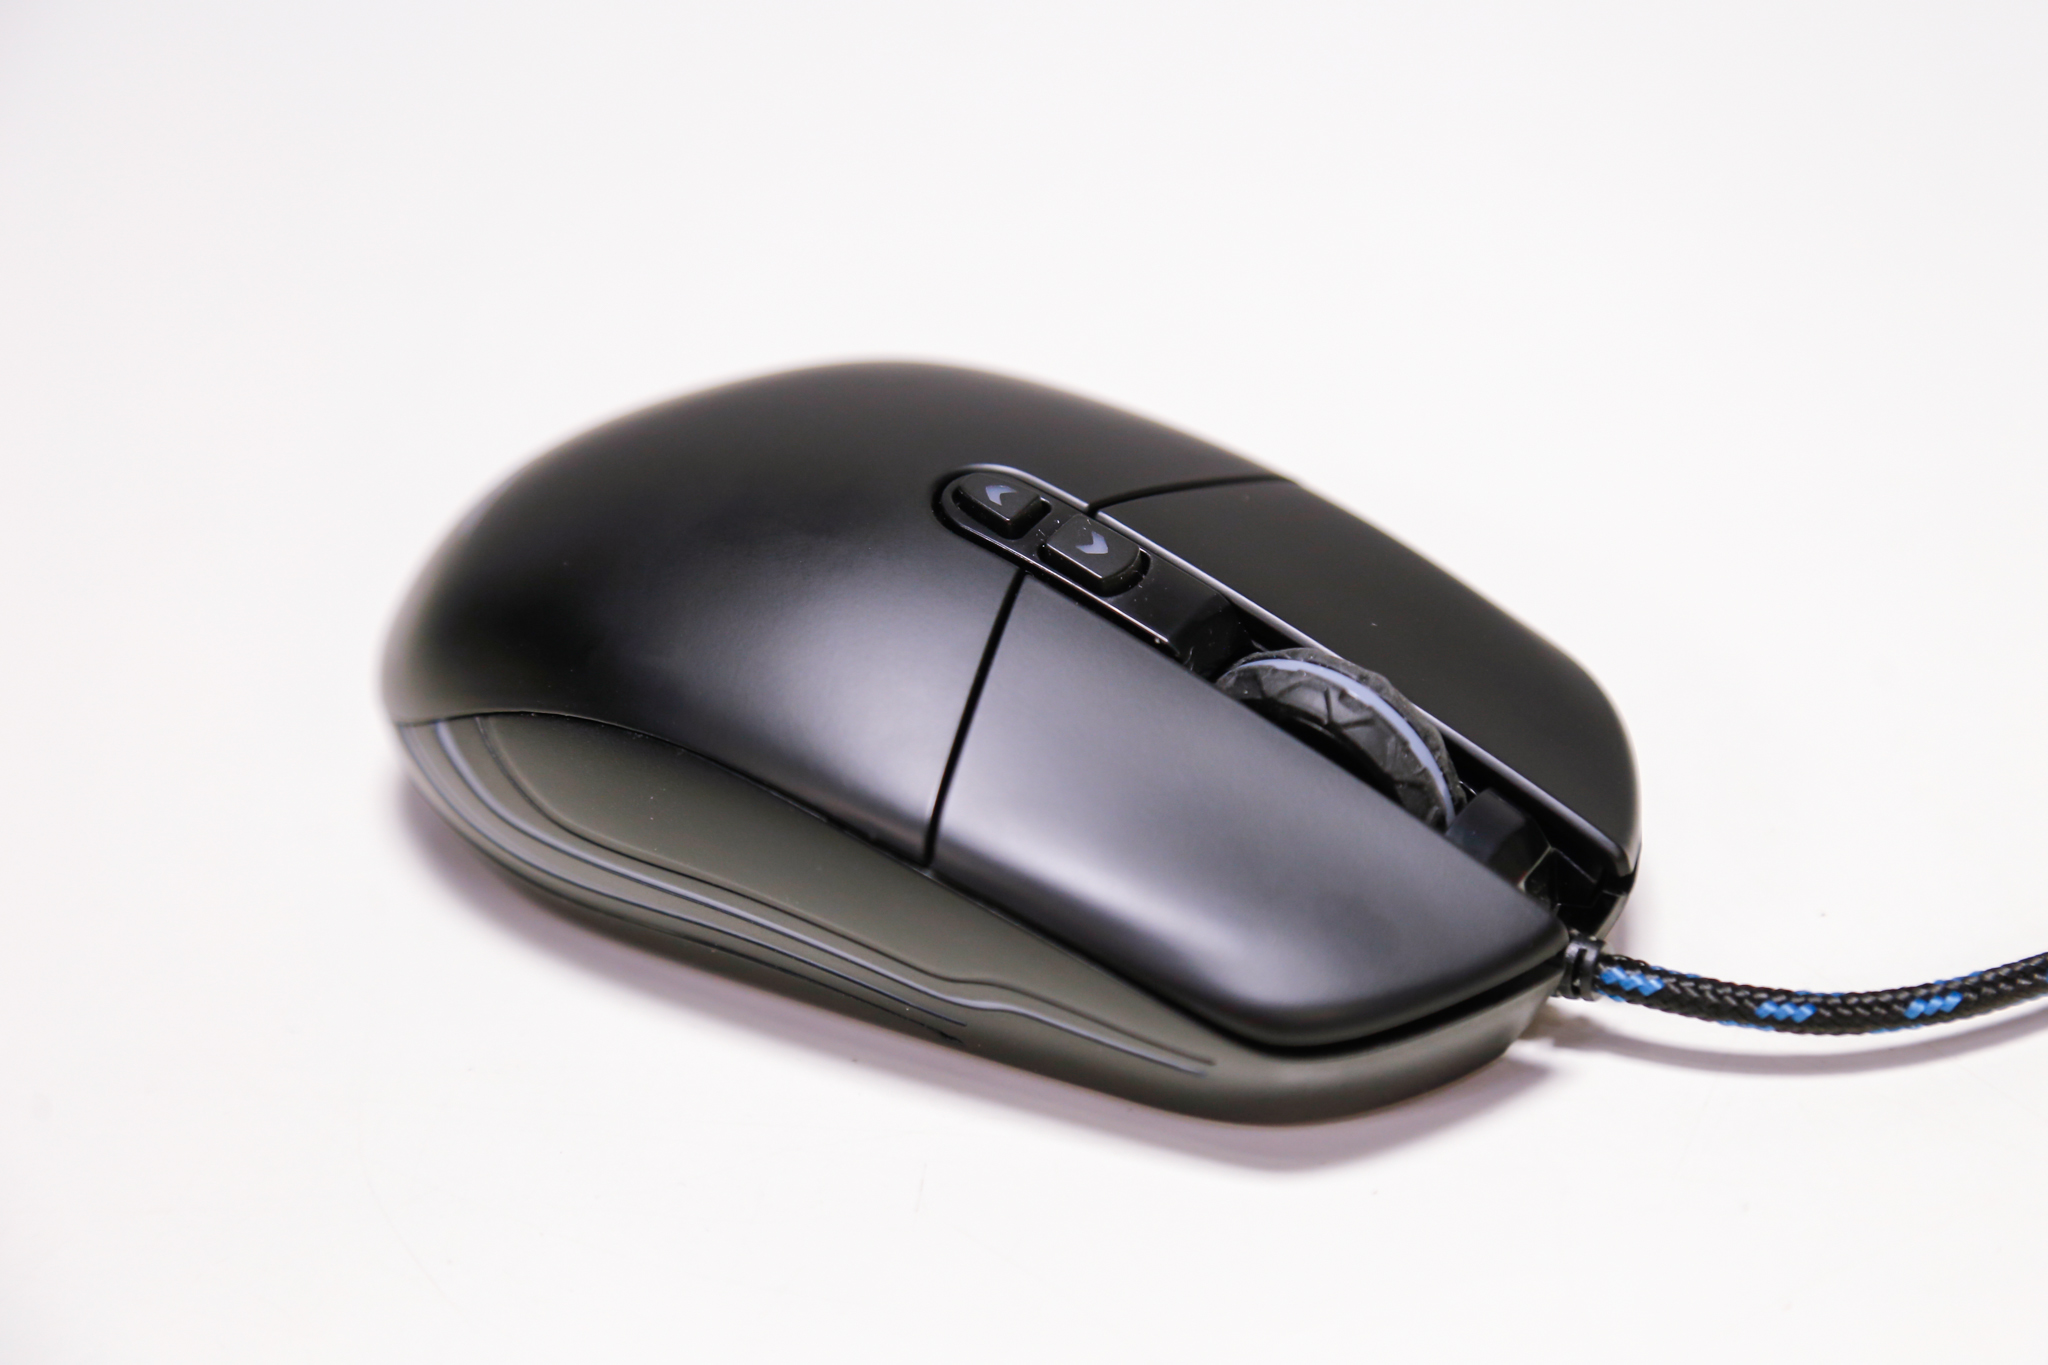 Chuột chơi game Newmen N3000 Led RGB USB có thể kết nối dễ dàng